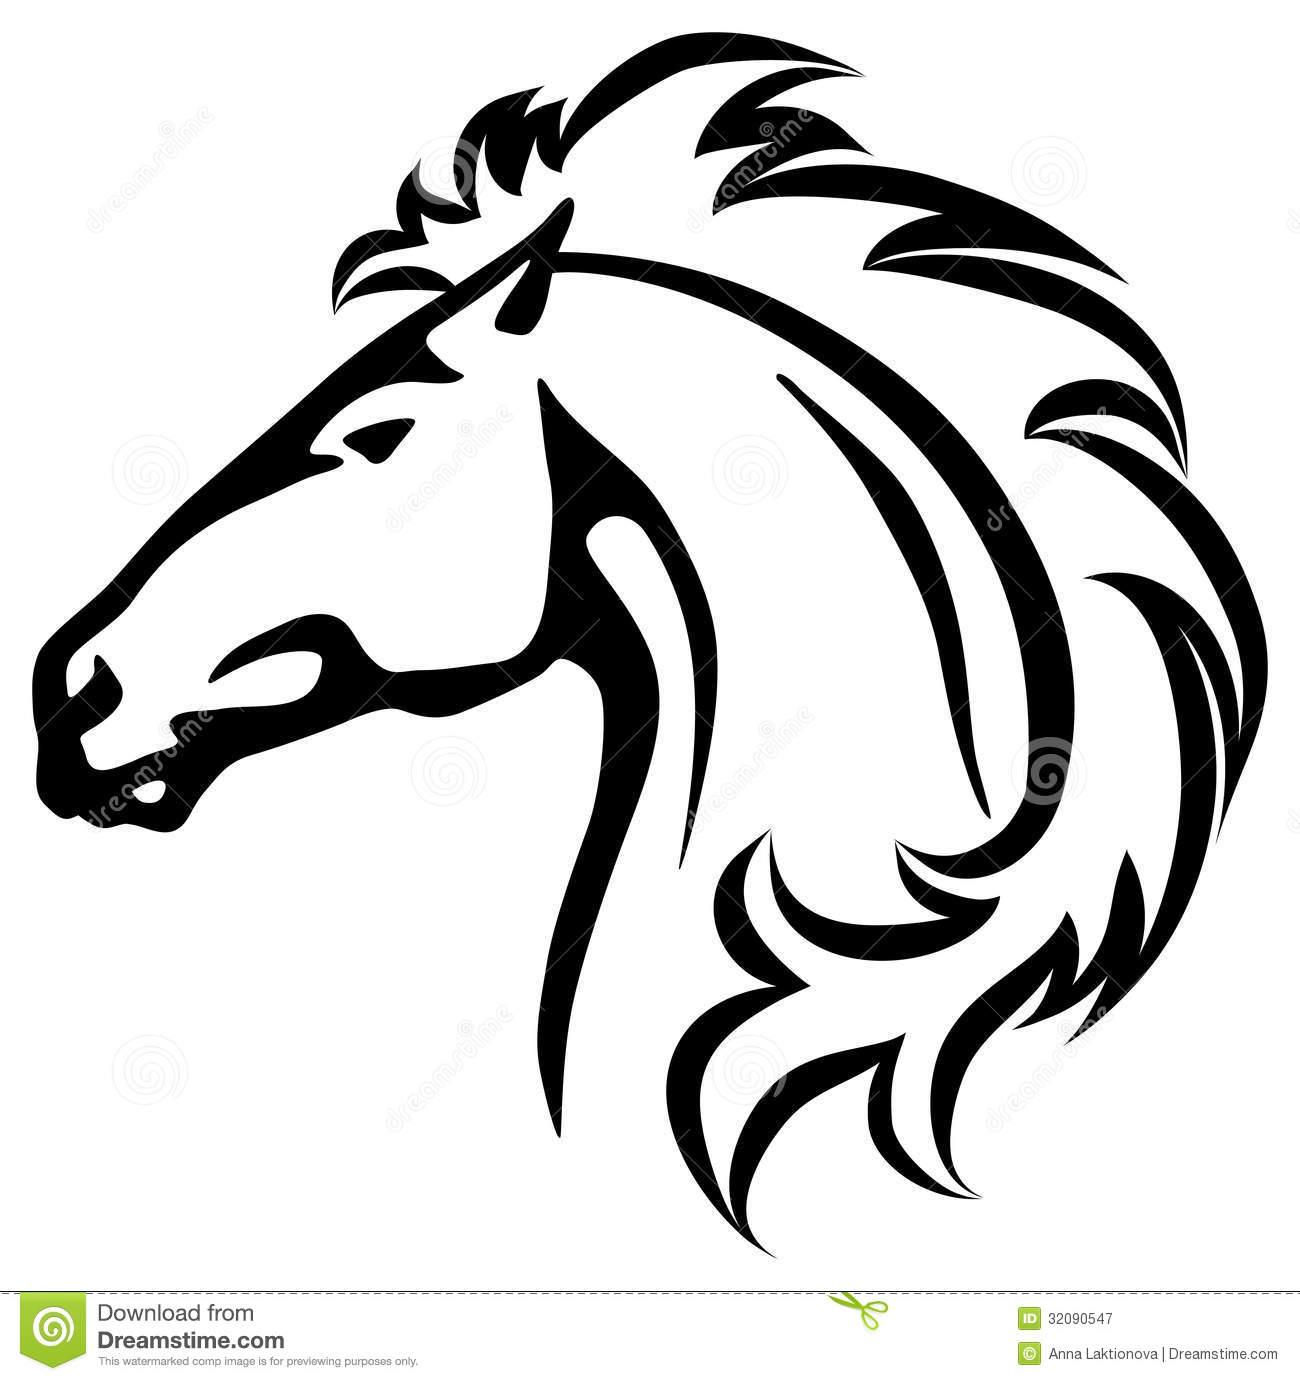 imagens colorir de cavalos